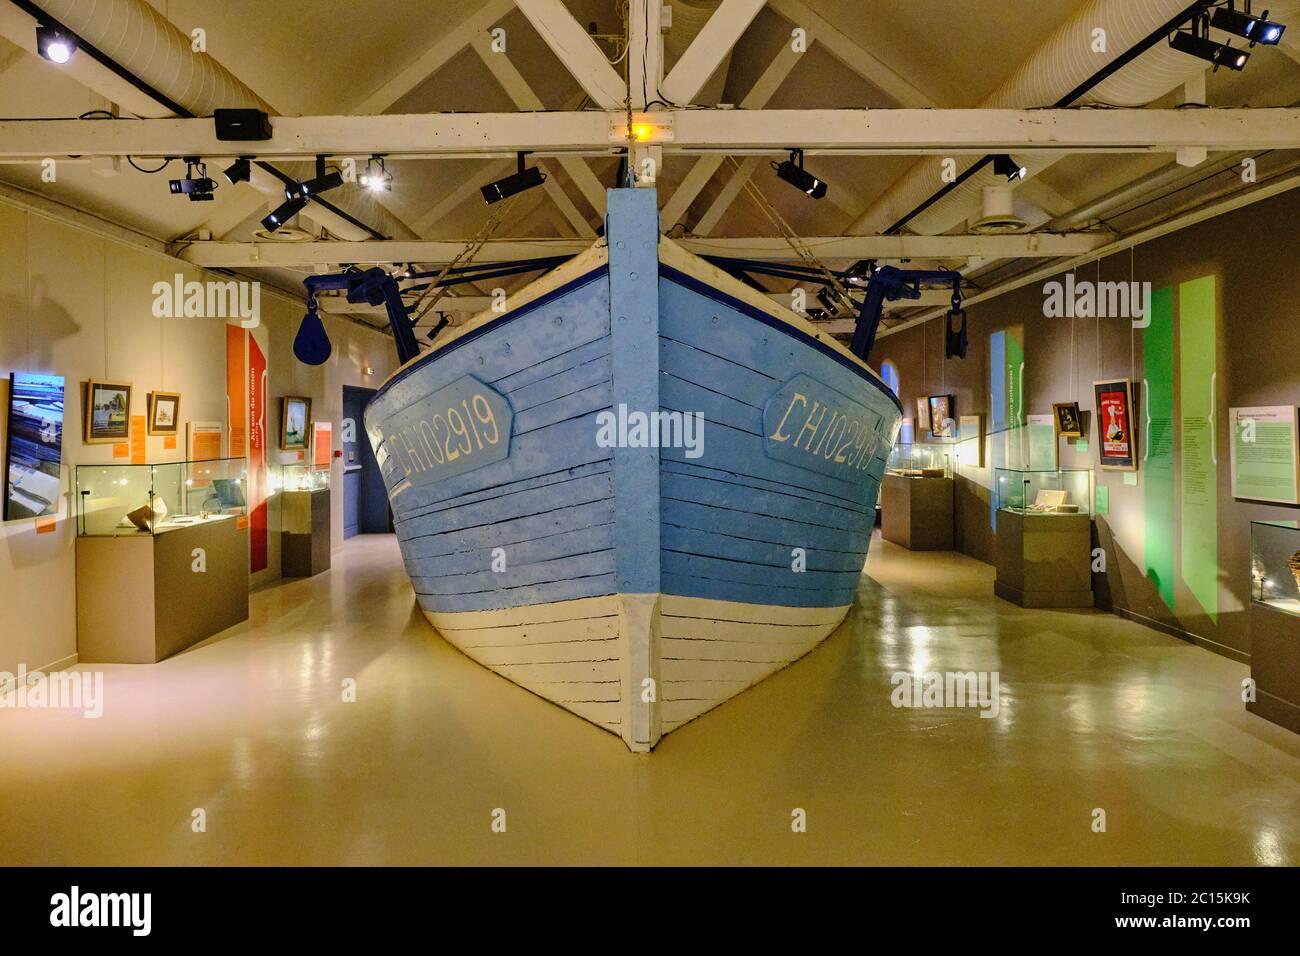 Francia, Normandía, departamento de la Mancha, Cotentin, Saint-Vaast-la-Hougue, l'île de Tatihou, museo marítimo Foto de stock